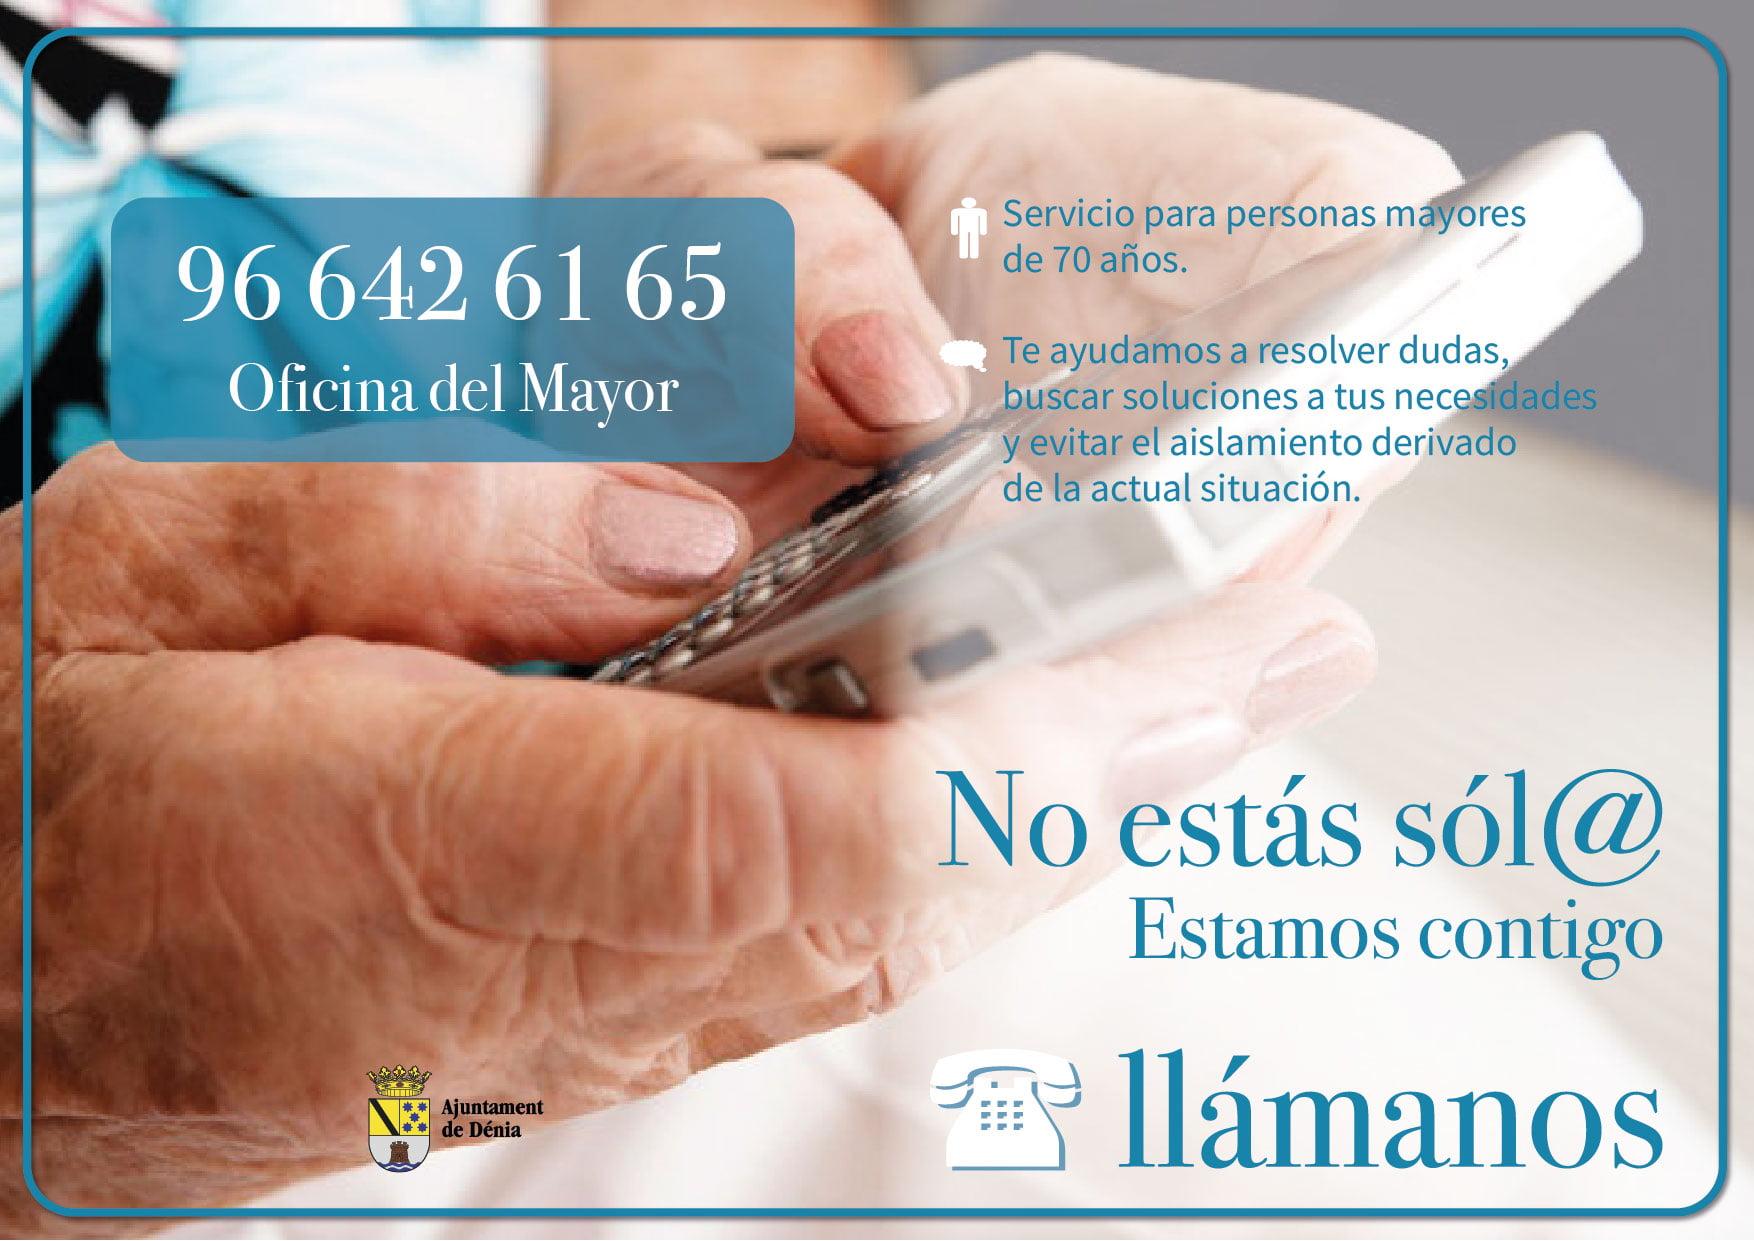 La conseillère aux personnes âgées lance un service de consultation téléphonique et d'accompagnement des personnes âgées